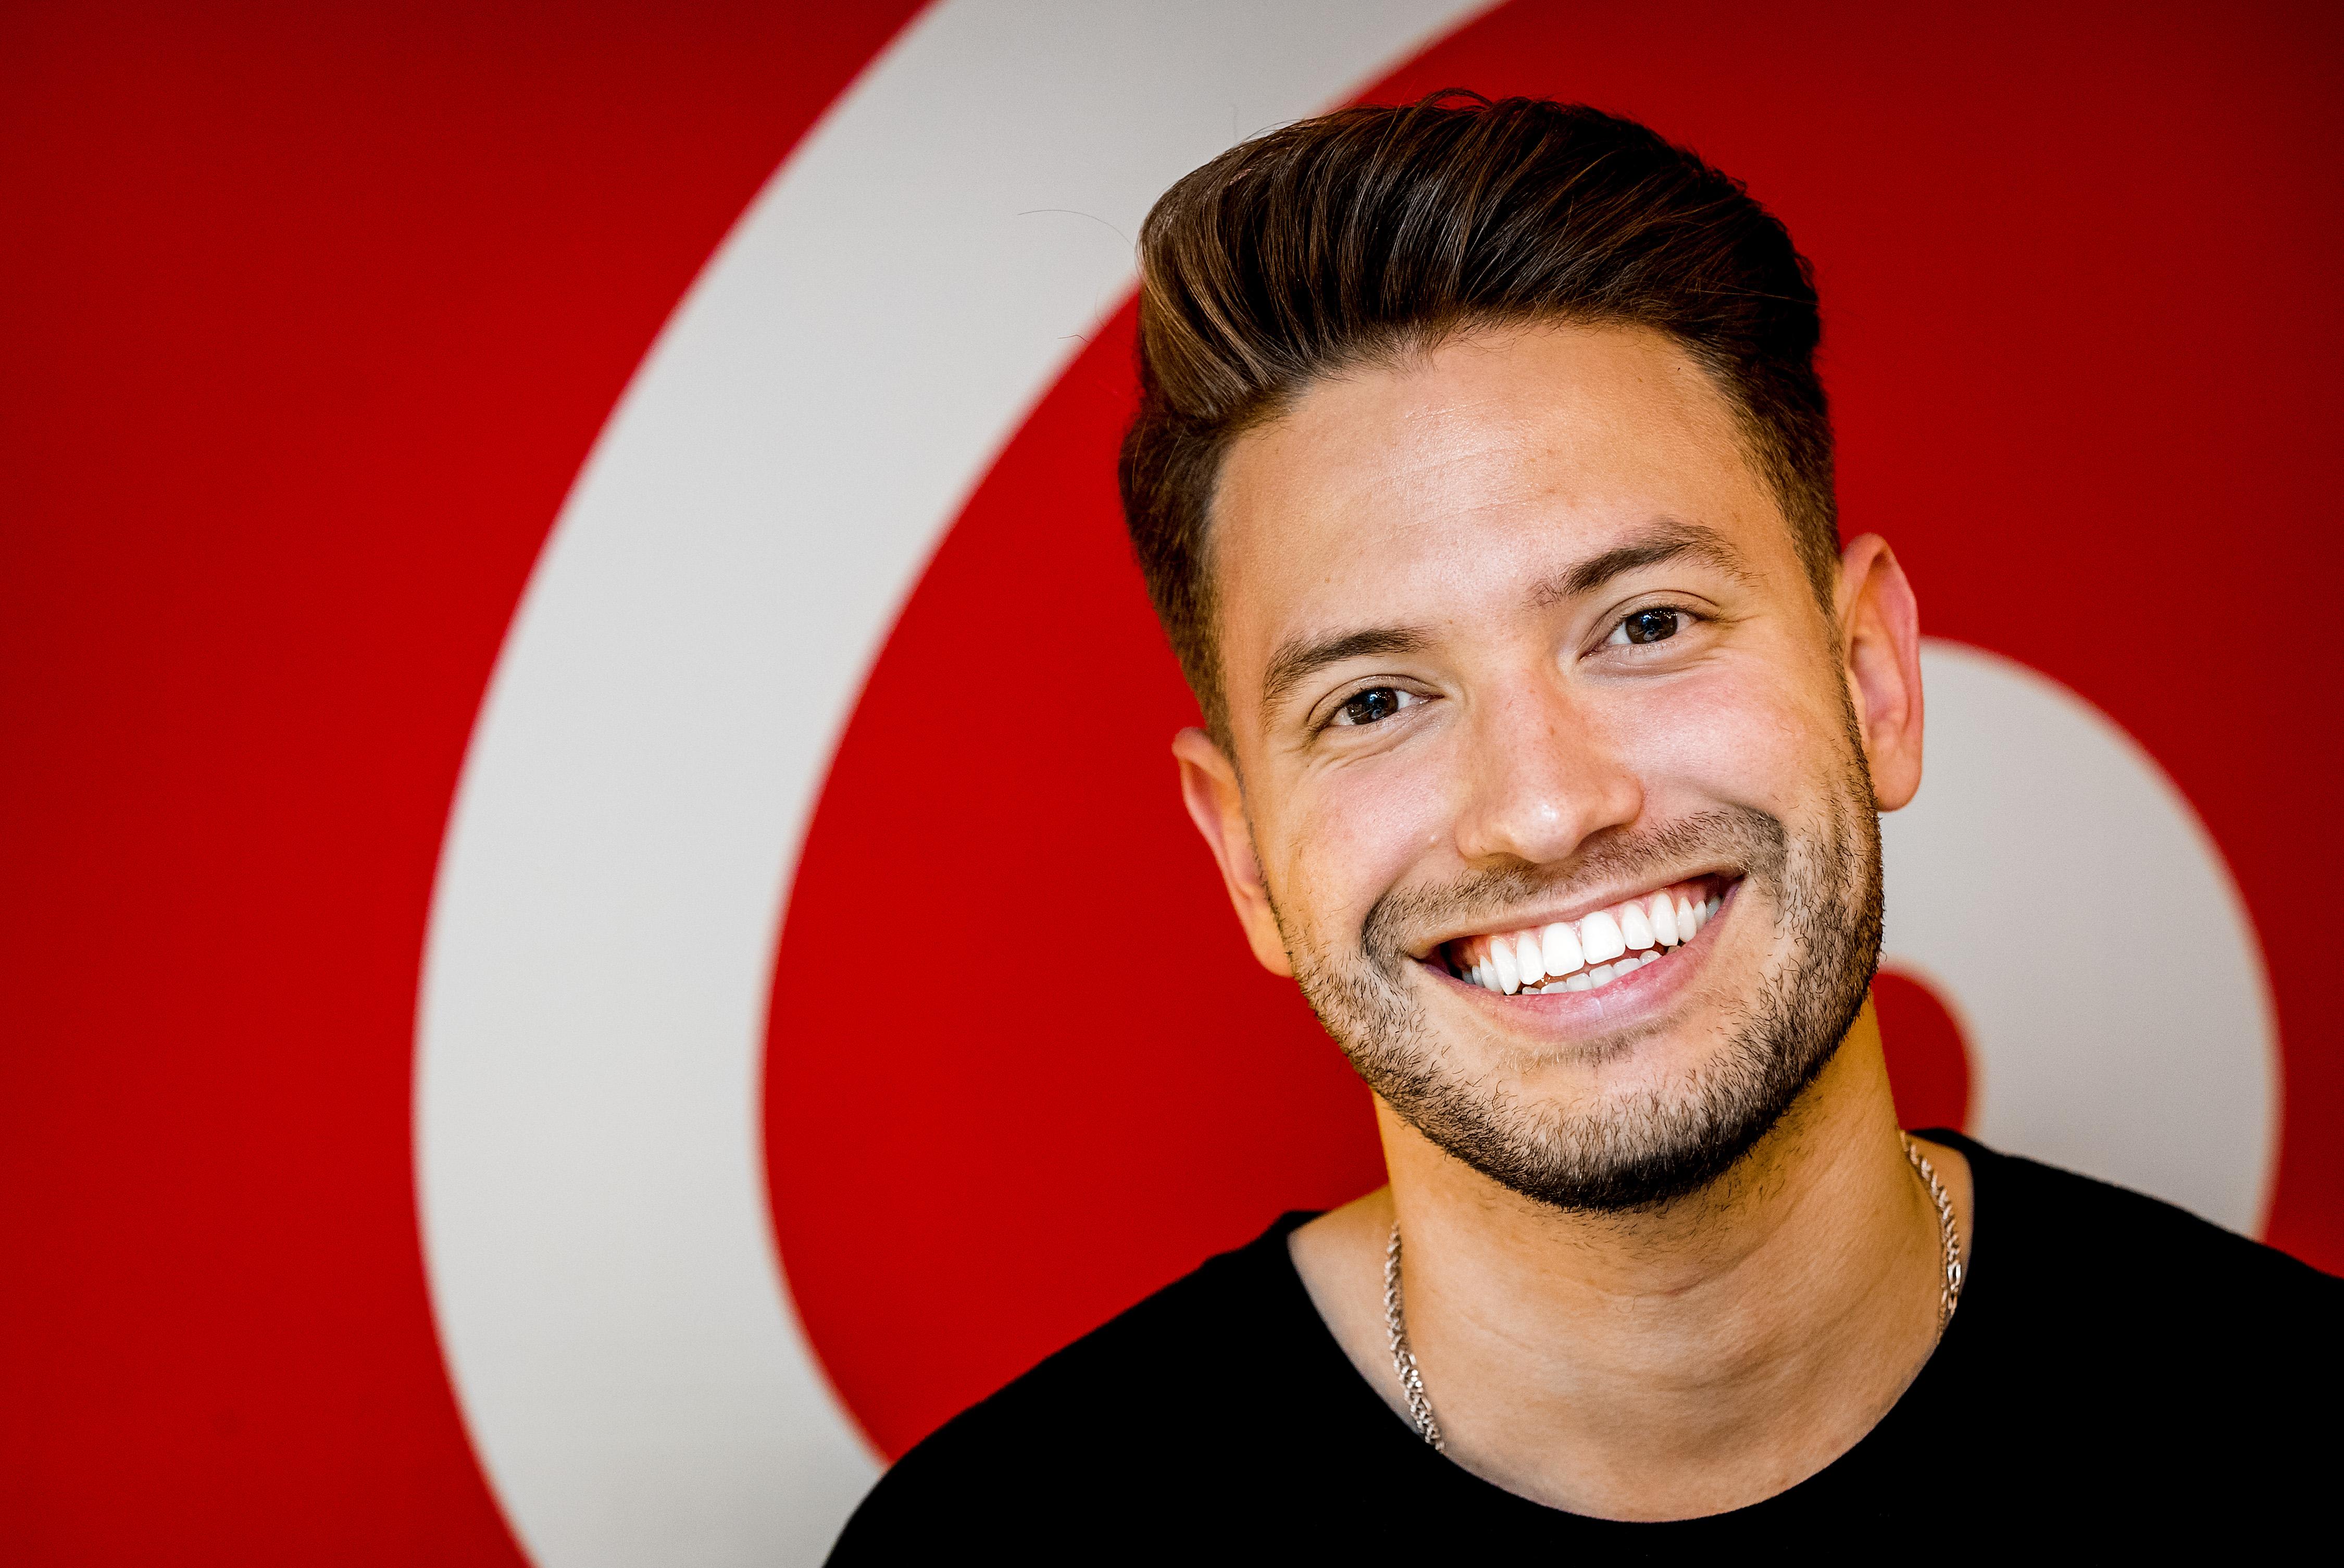 Een foto van Rolf Sanchez met stralende glimlach